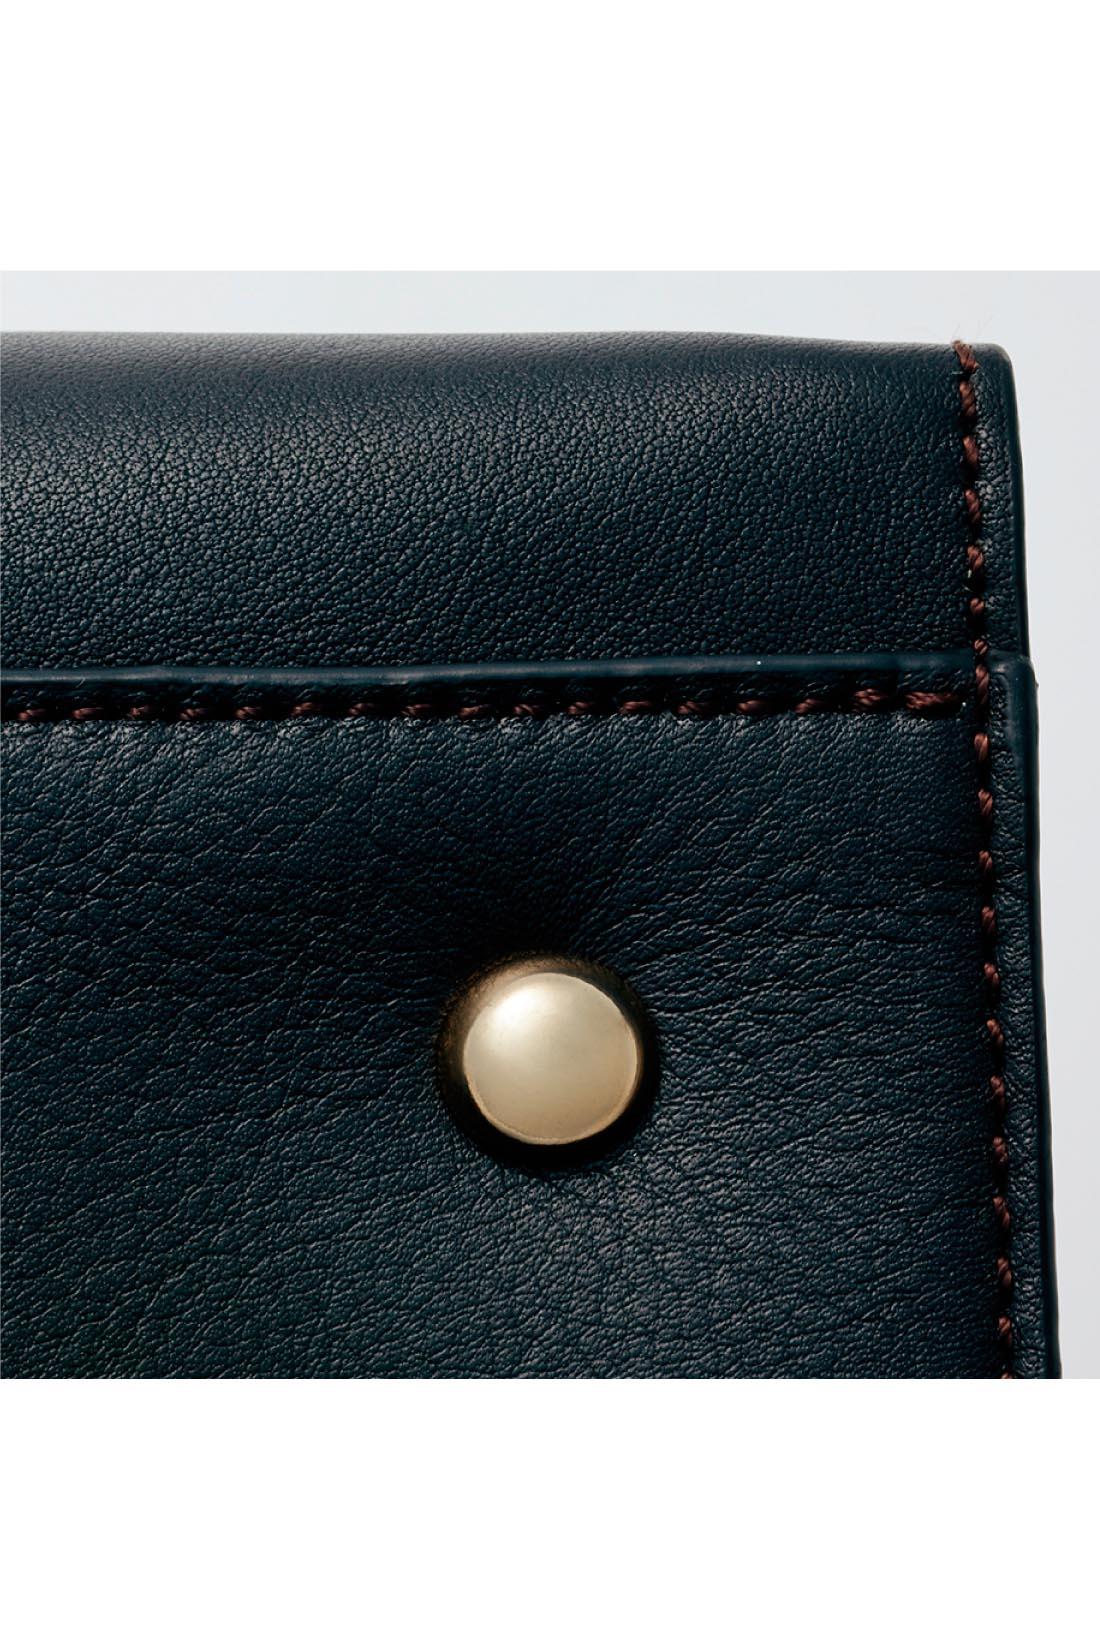 ほろ苦いチョコレート色 使いやすい、限りなくブラックに近いブラウンの本革素材。底面には4つの底びょう付きで安心。